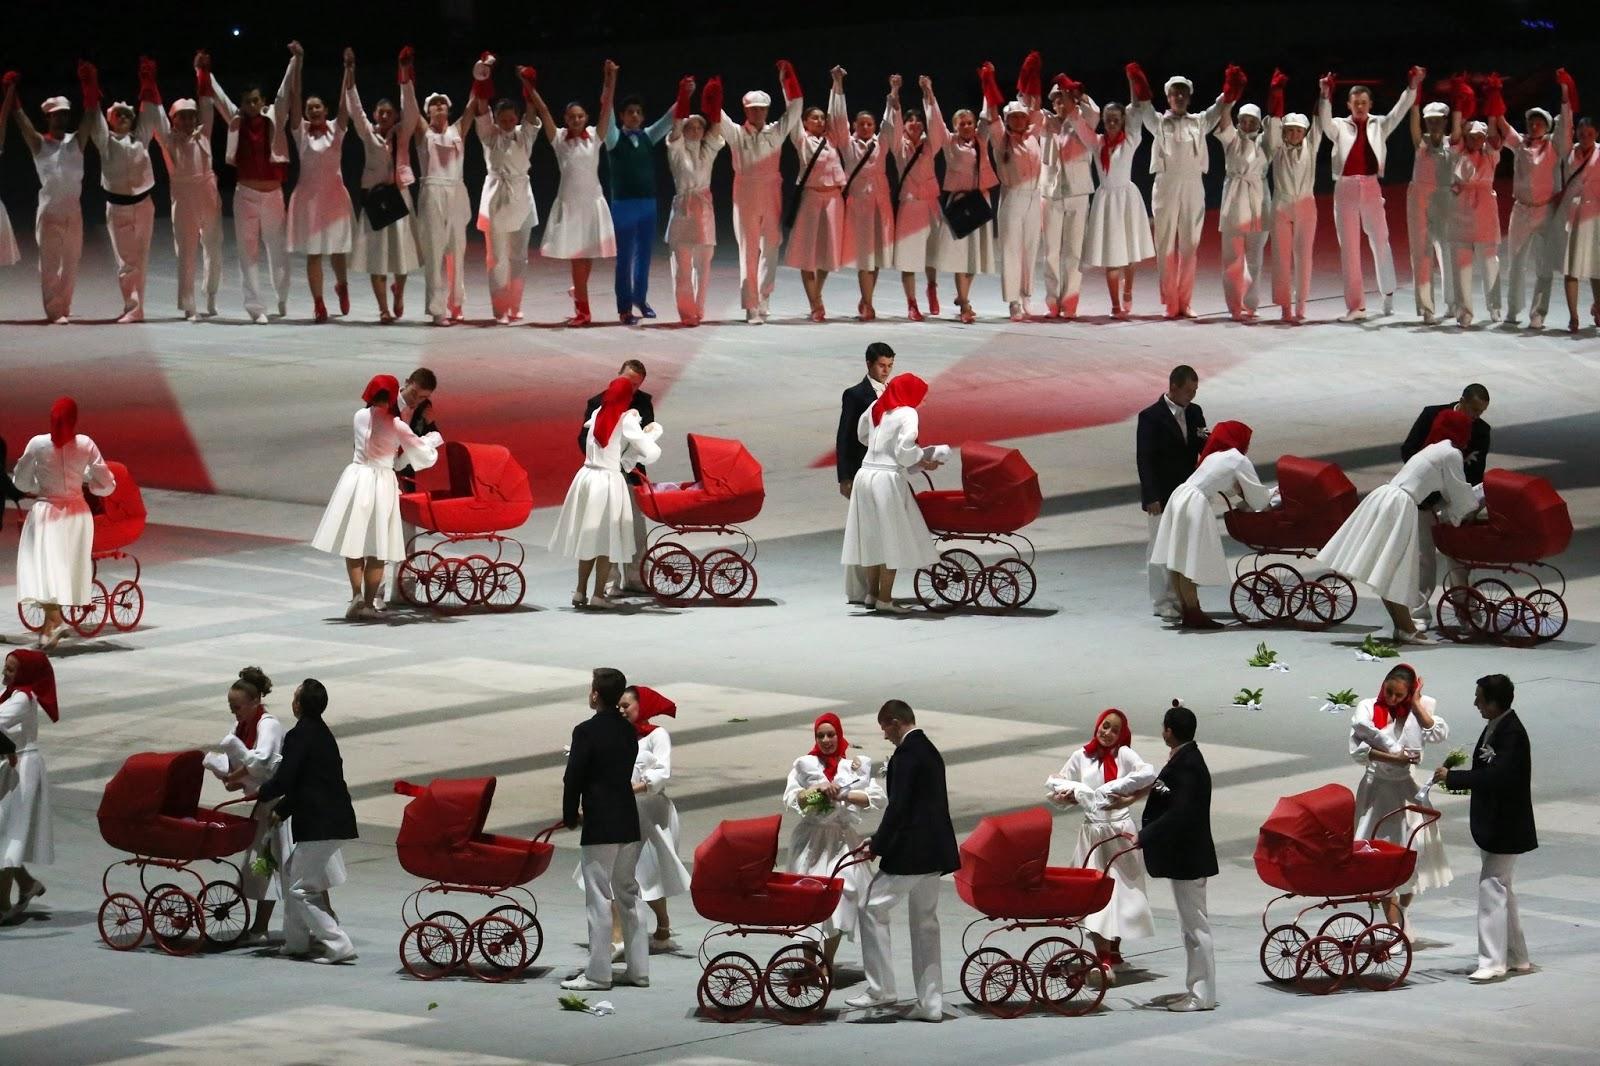 baby boomers,sochi olympics, olympics 2014